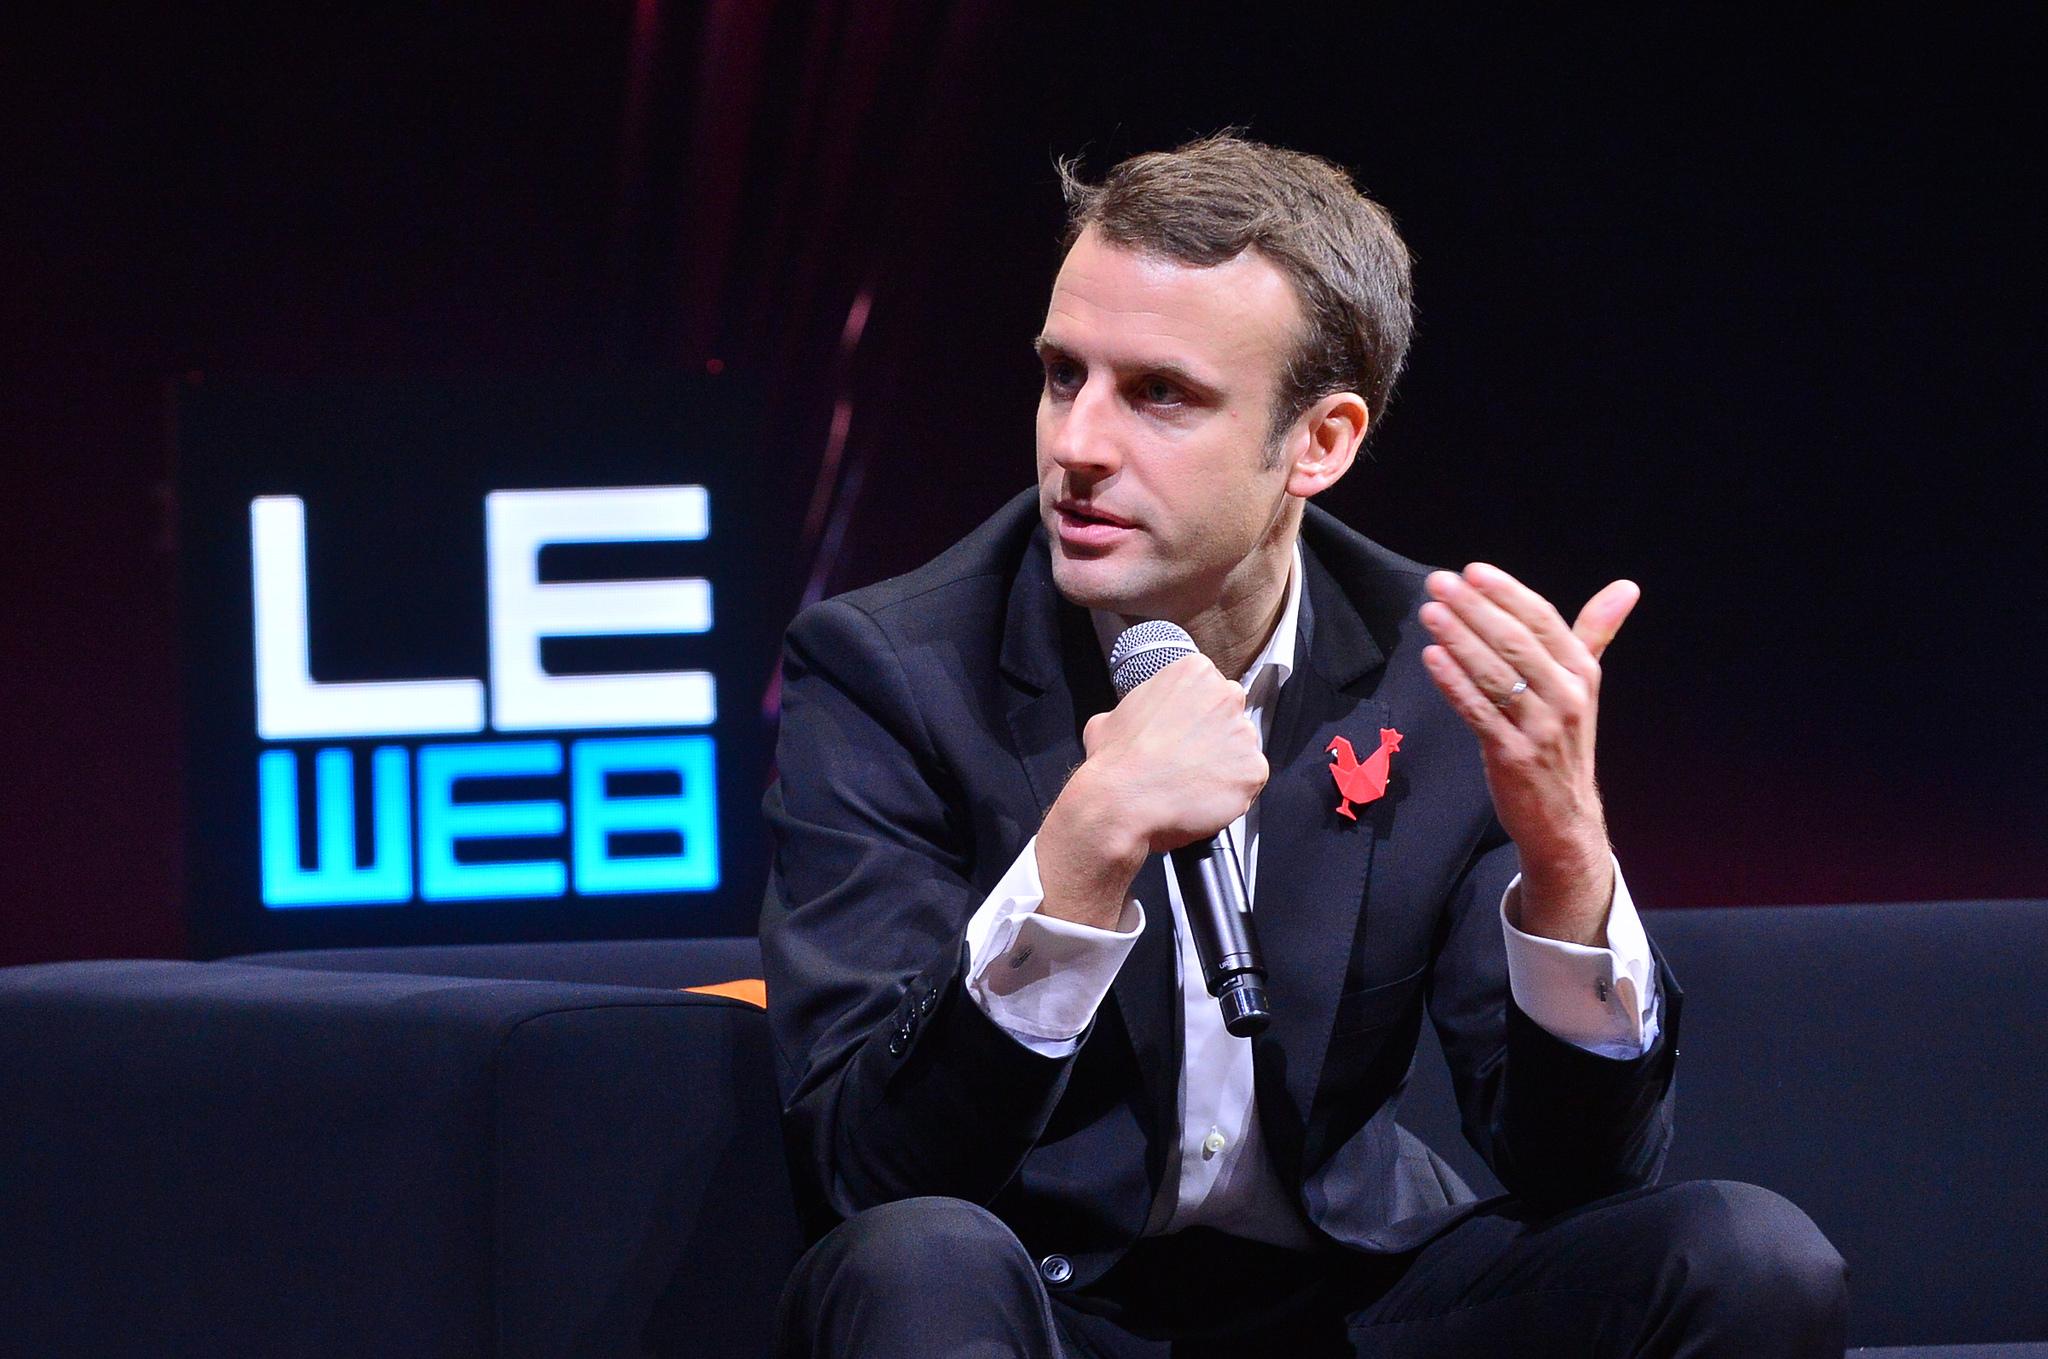 Emmanuel Macron veut interdire les téléphones dans l'enceinte des écoles